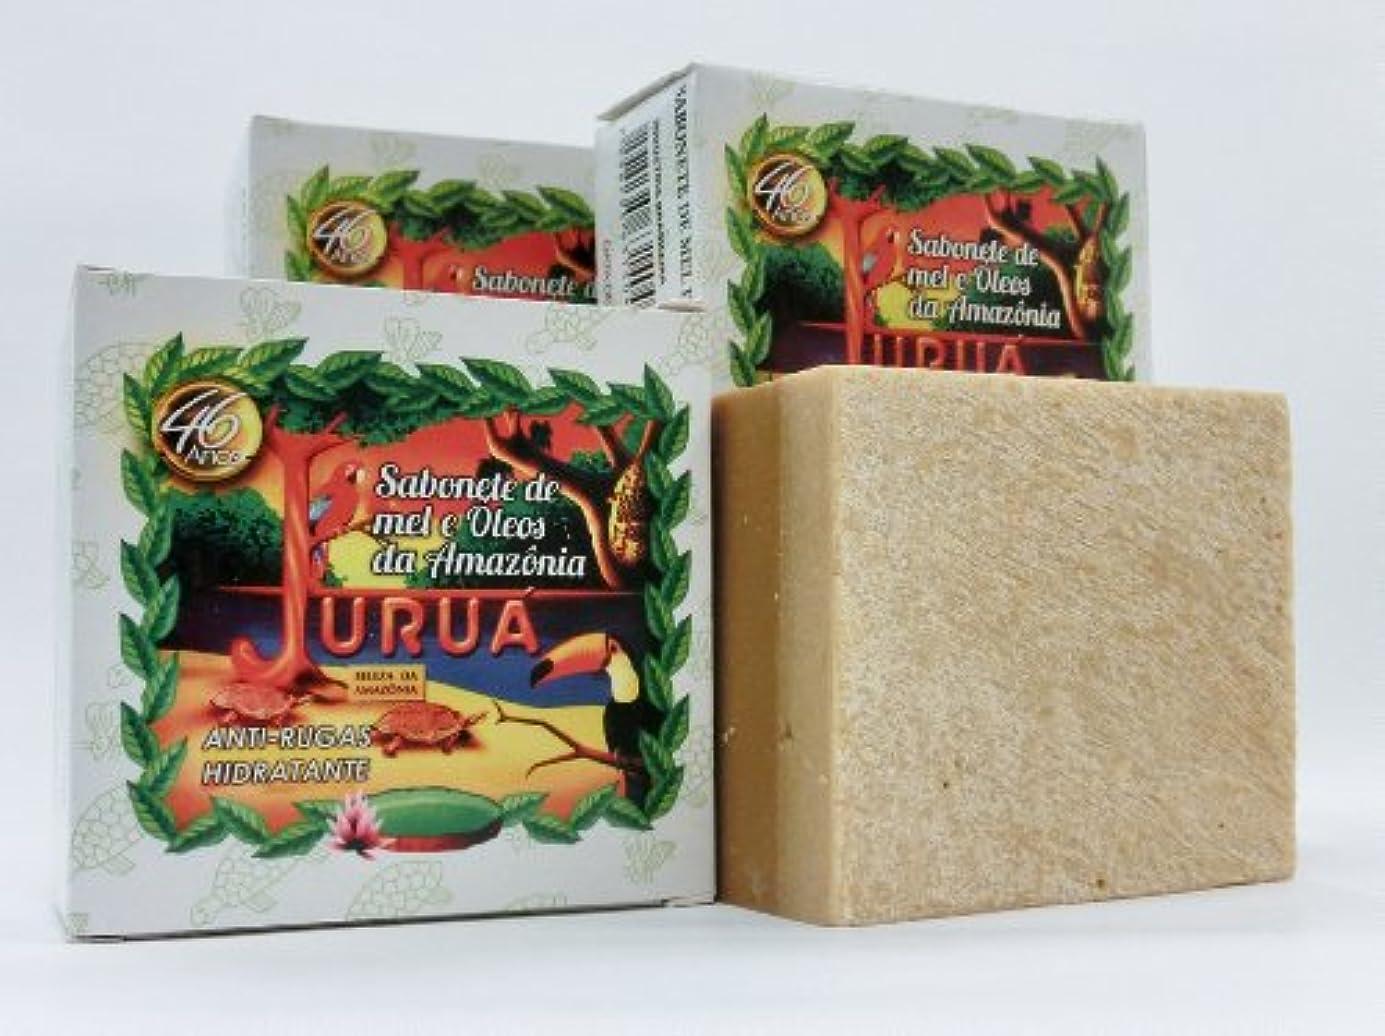 提案するリハーサルの量JURUA石鹸 (大180g) 3個セット